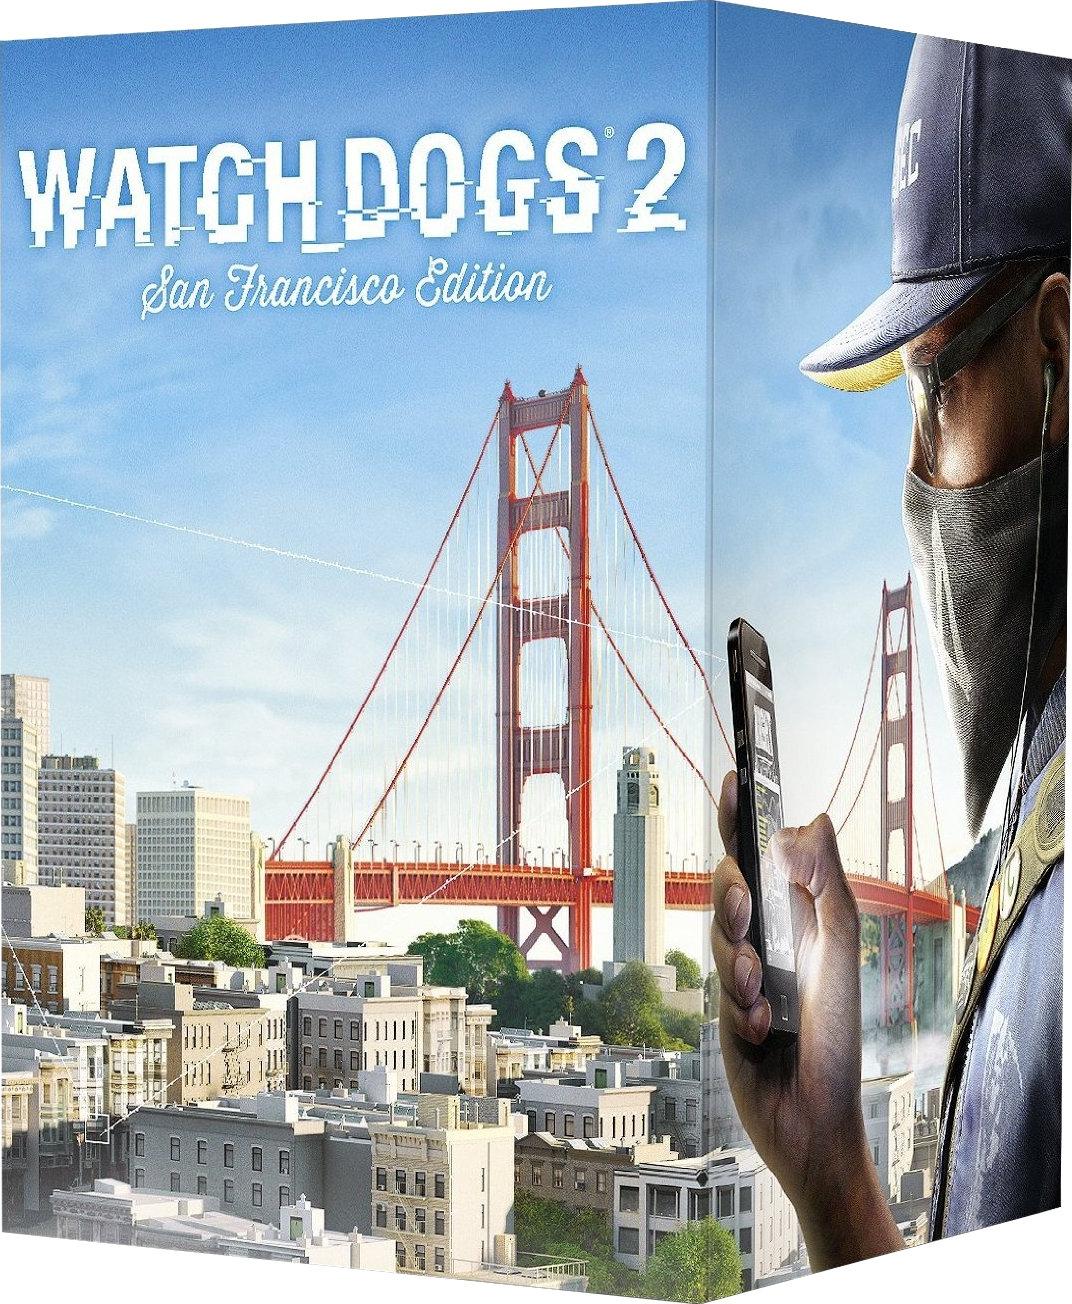 Watch Dogs 2 San Francisco Edition PS4 und Xbox One für 39,42€ + 100 Club Coins oder 49,27€ ohne Coins @ Ubisoft